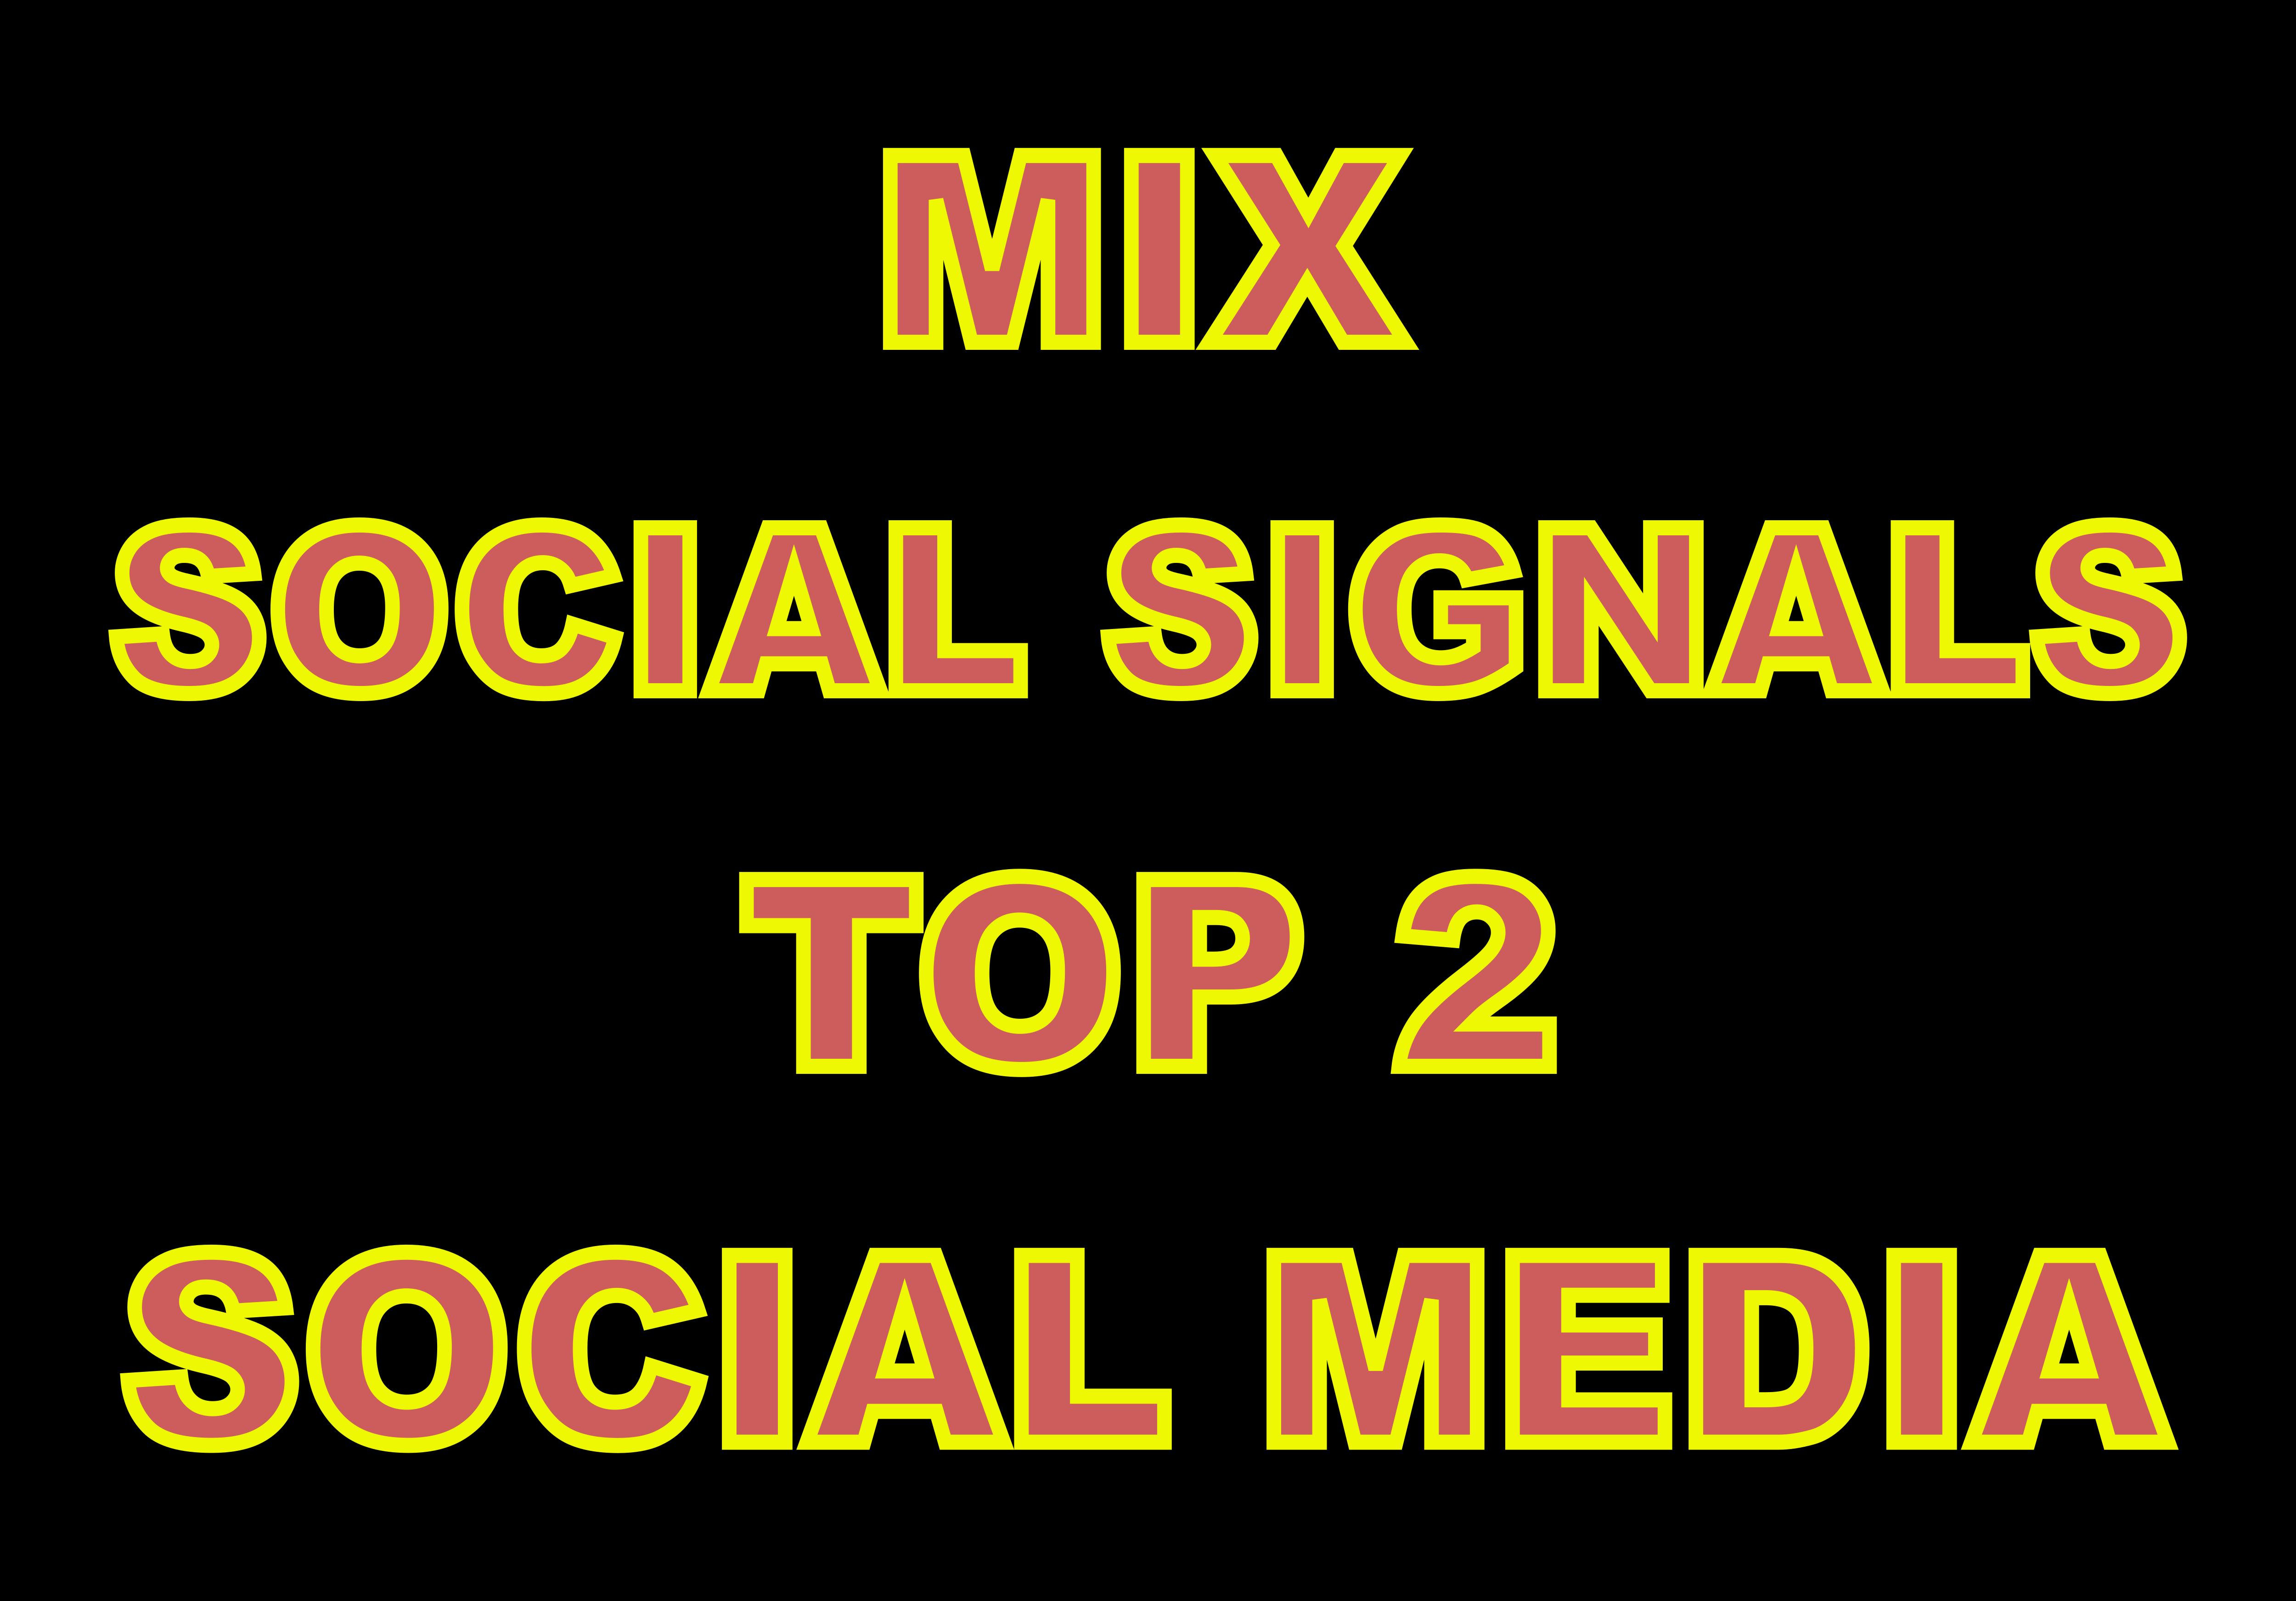 4000 TOP 2 Platform Seo Social Signals